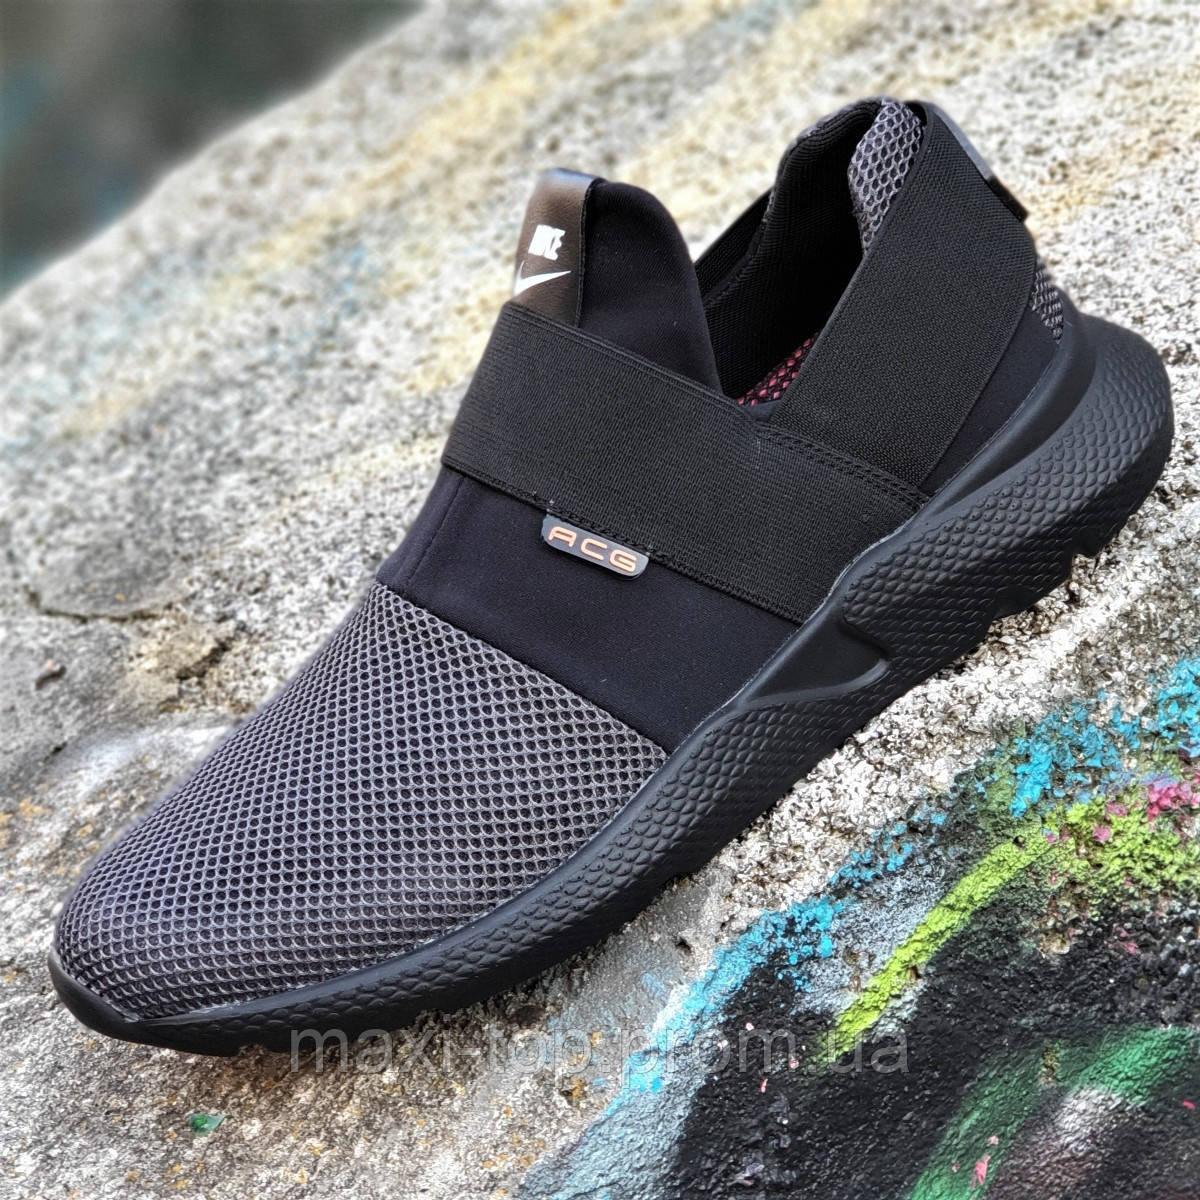 e5ed5393 Стильные мужские кроссовки черные, серая сетка, усиленный носок и пятка,  мягкие и удобные